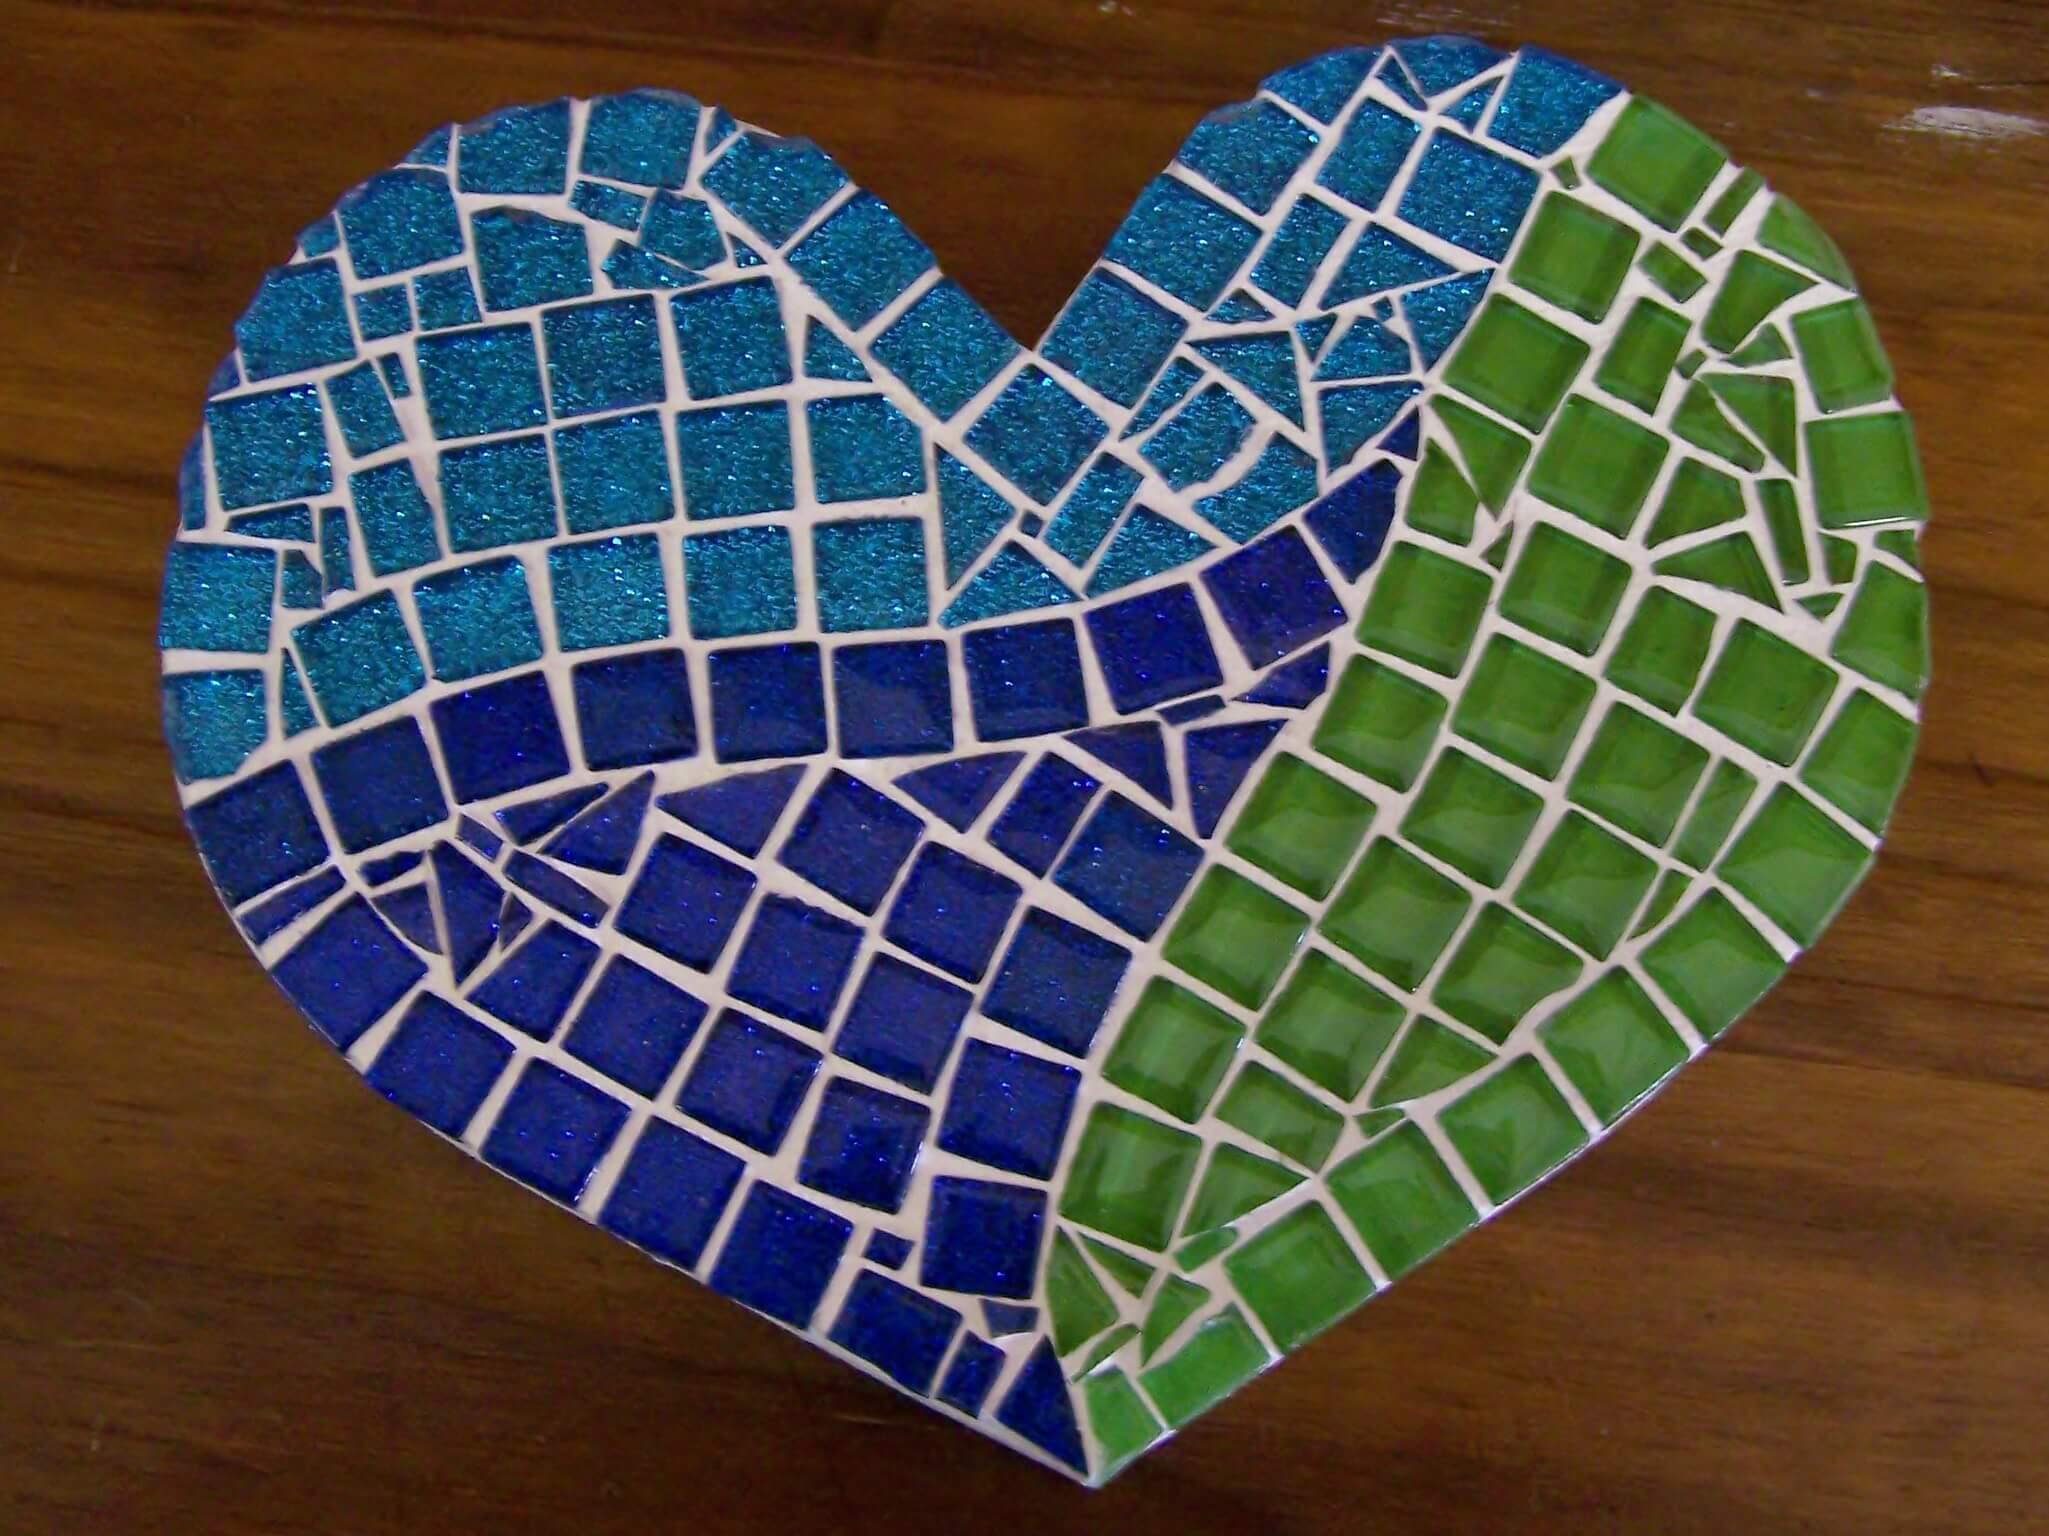 Mosaic'd Heart 1 10cm R125